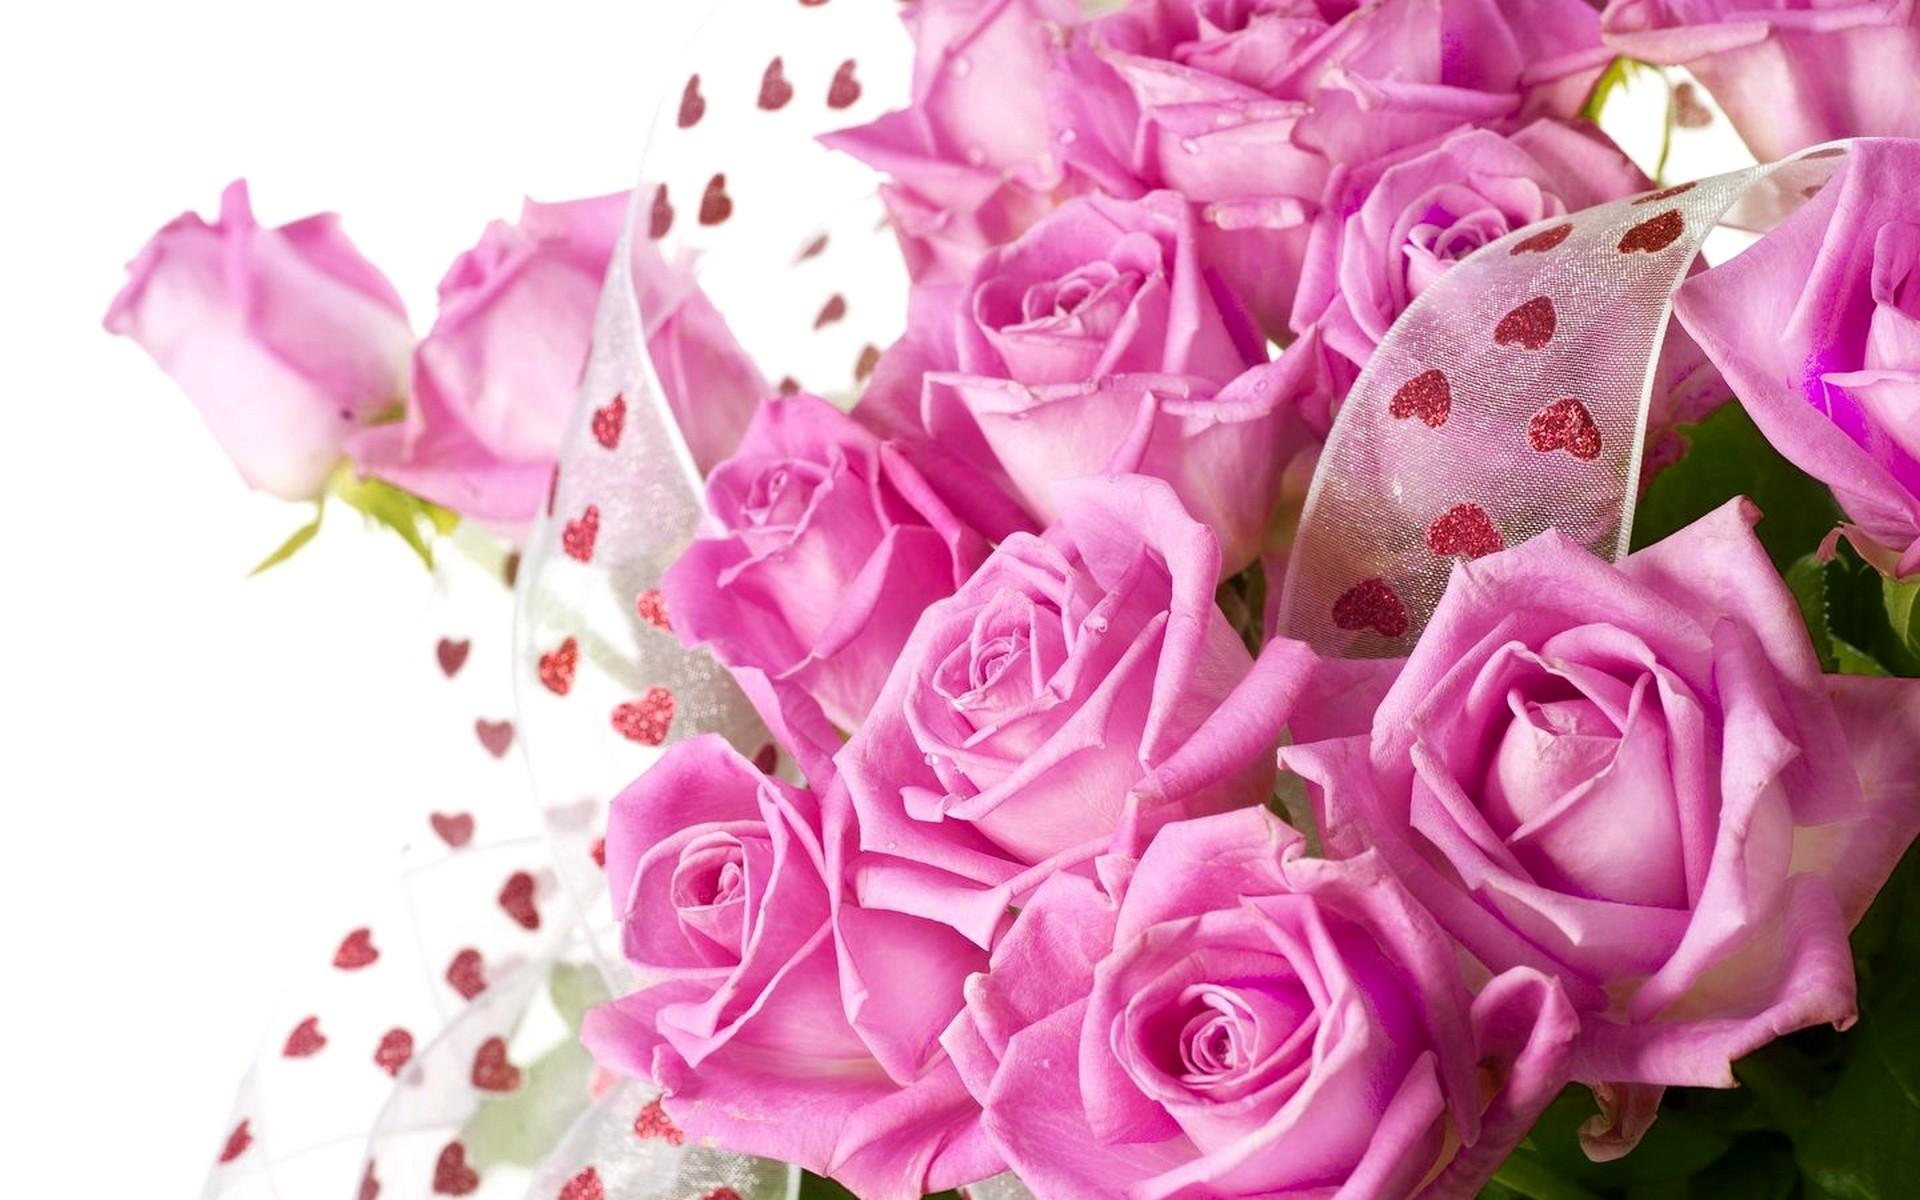 Beautiful Roses Wallpaper 48 Images